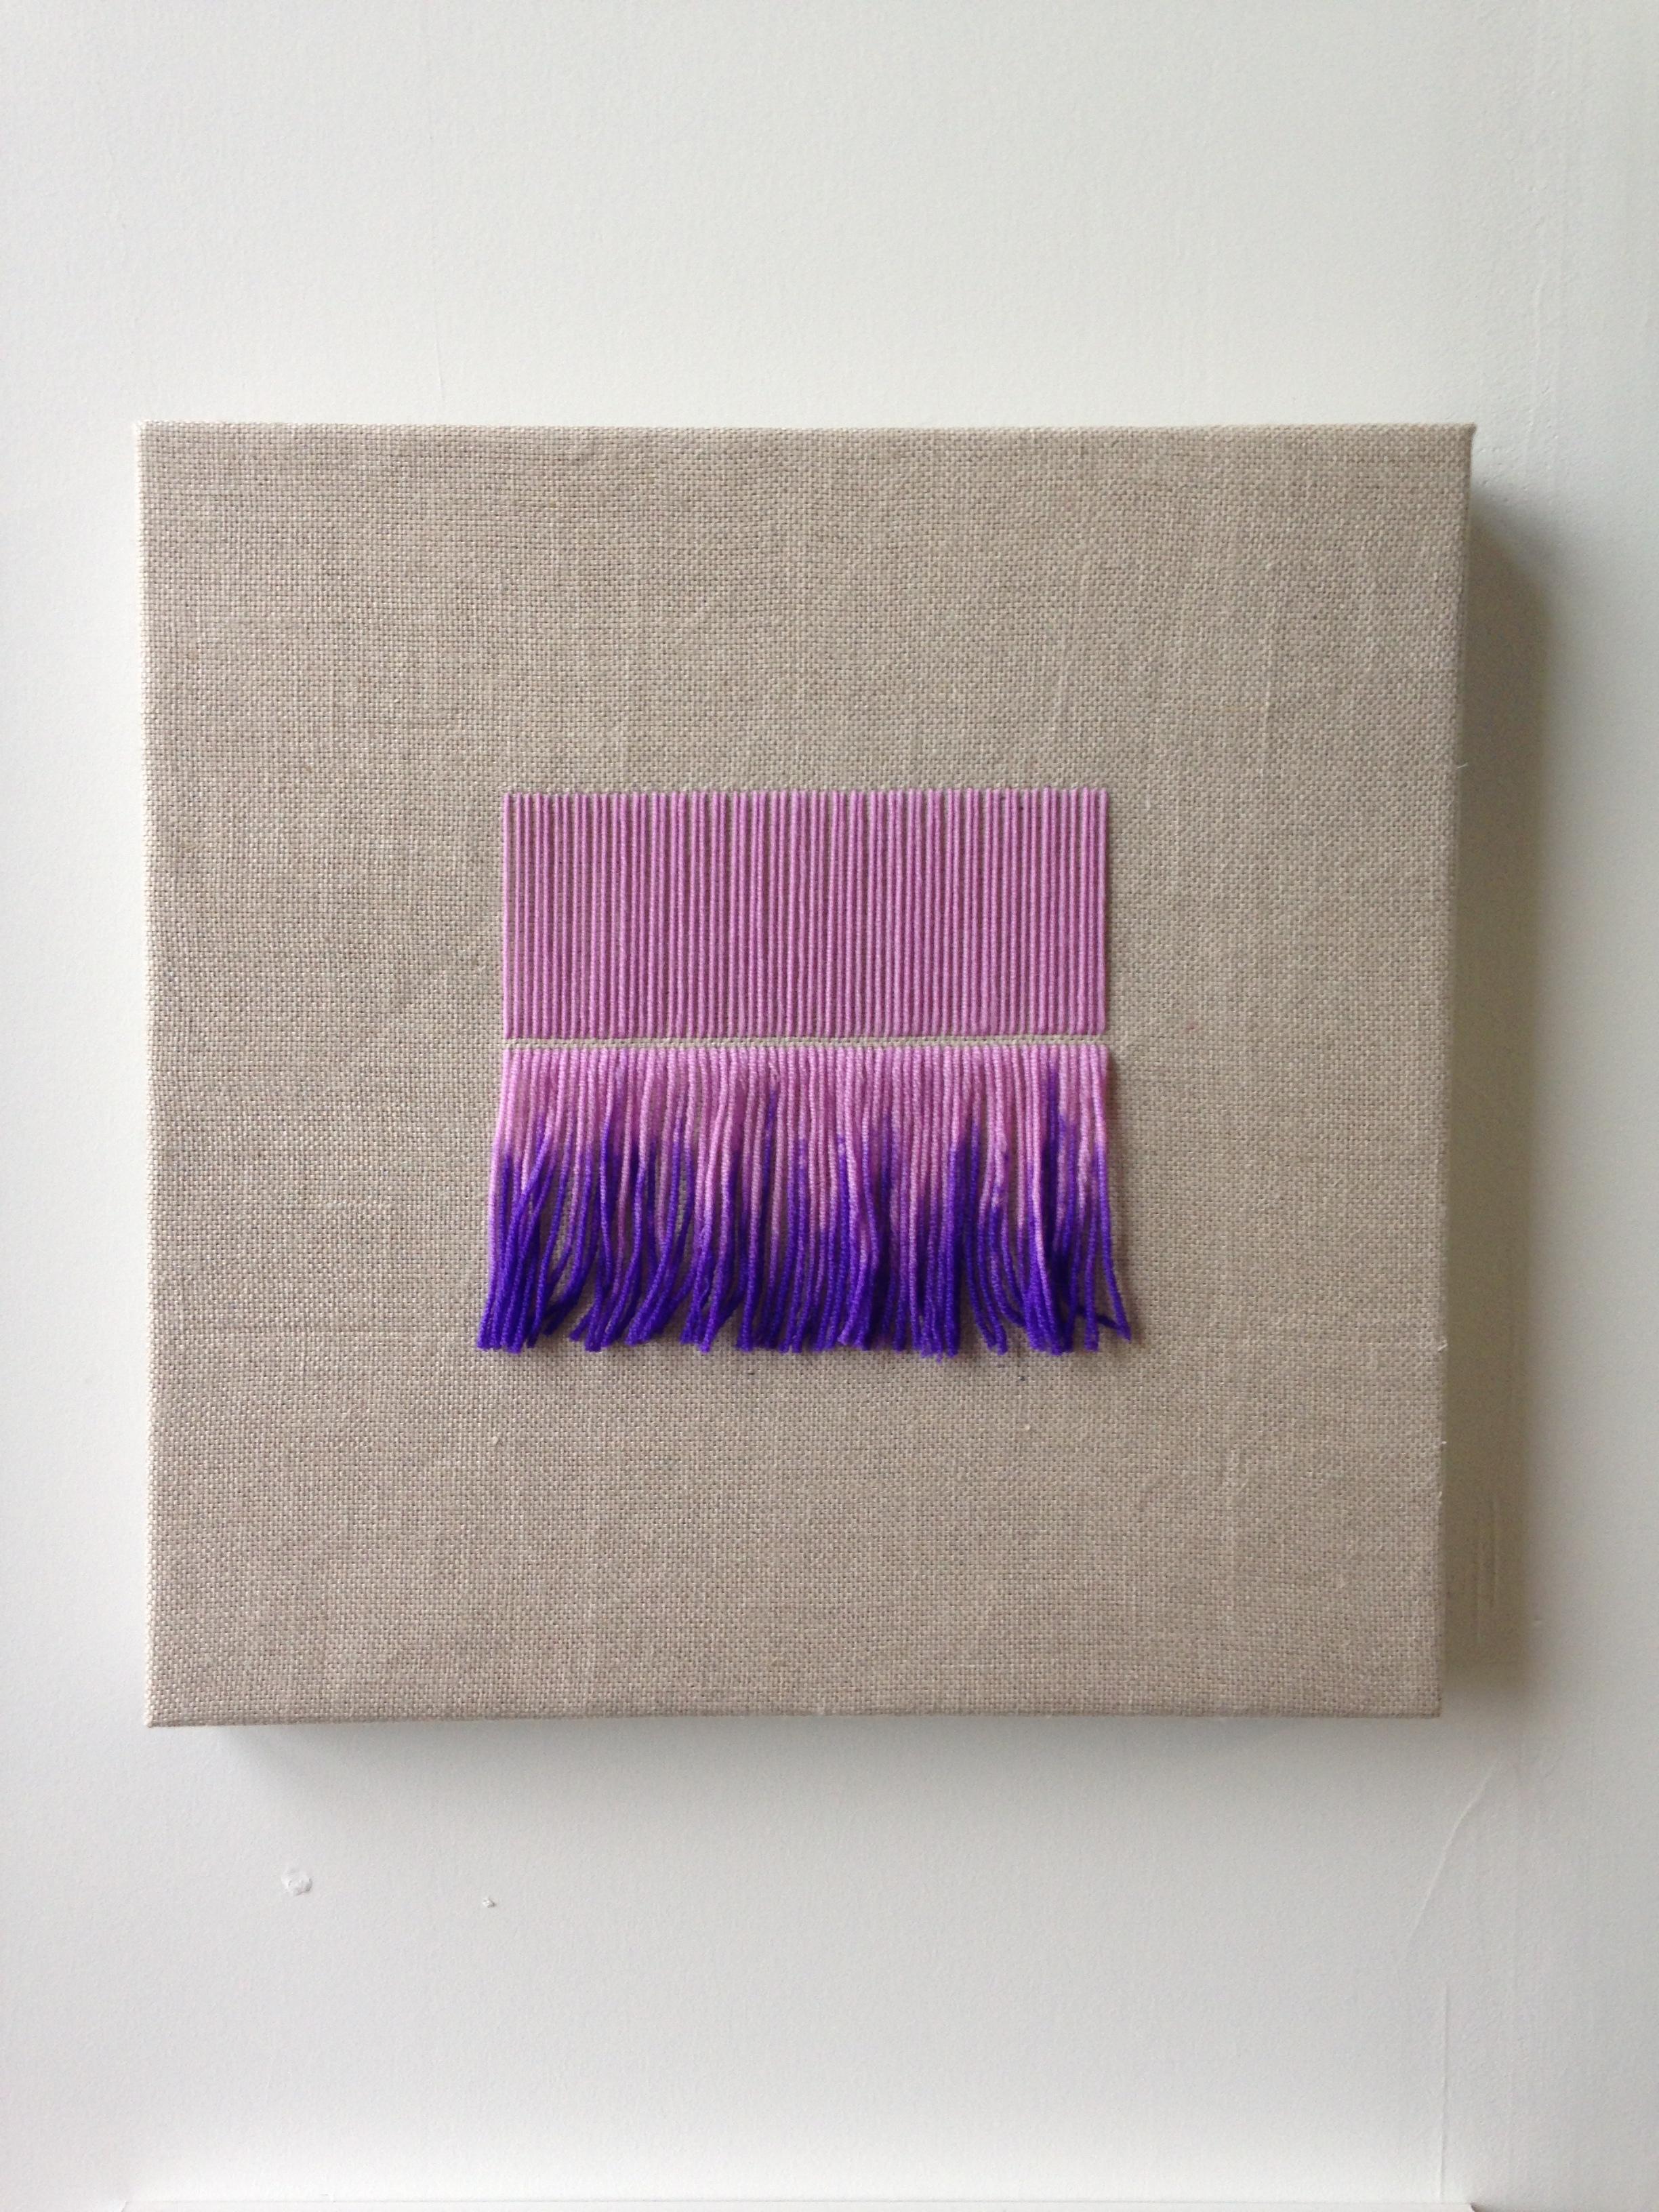 Painter's Brush, 2015